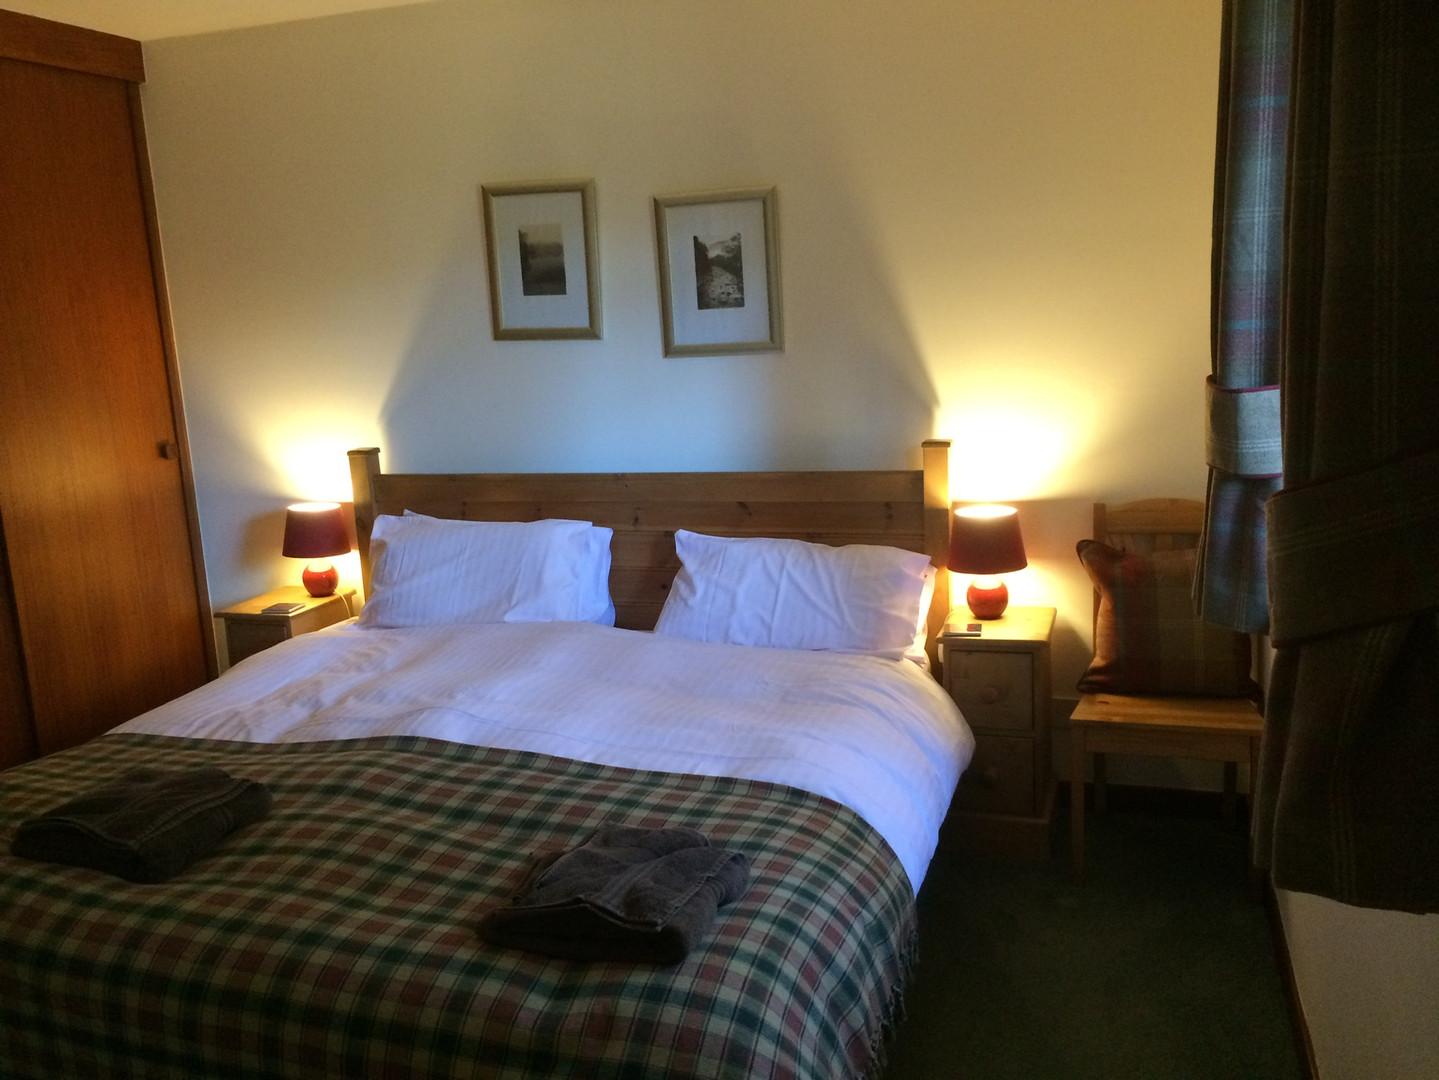 Double bedroom - Luxury Down Duvet